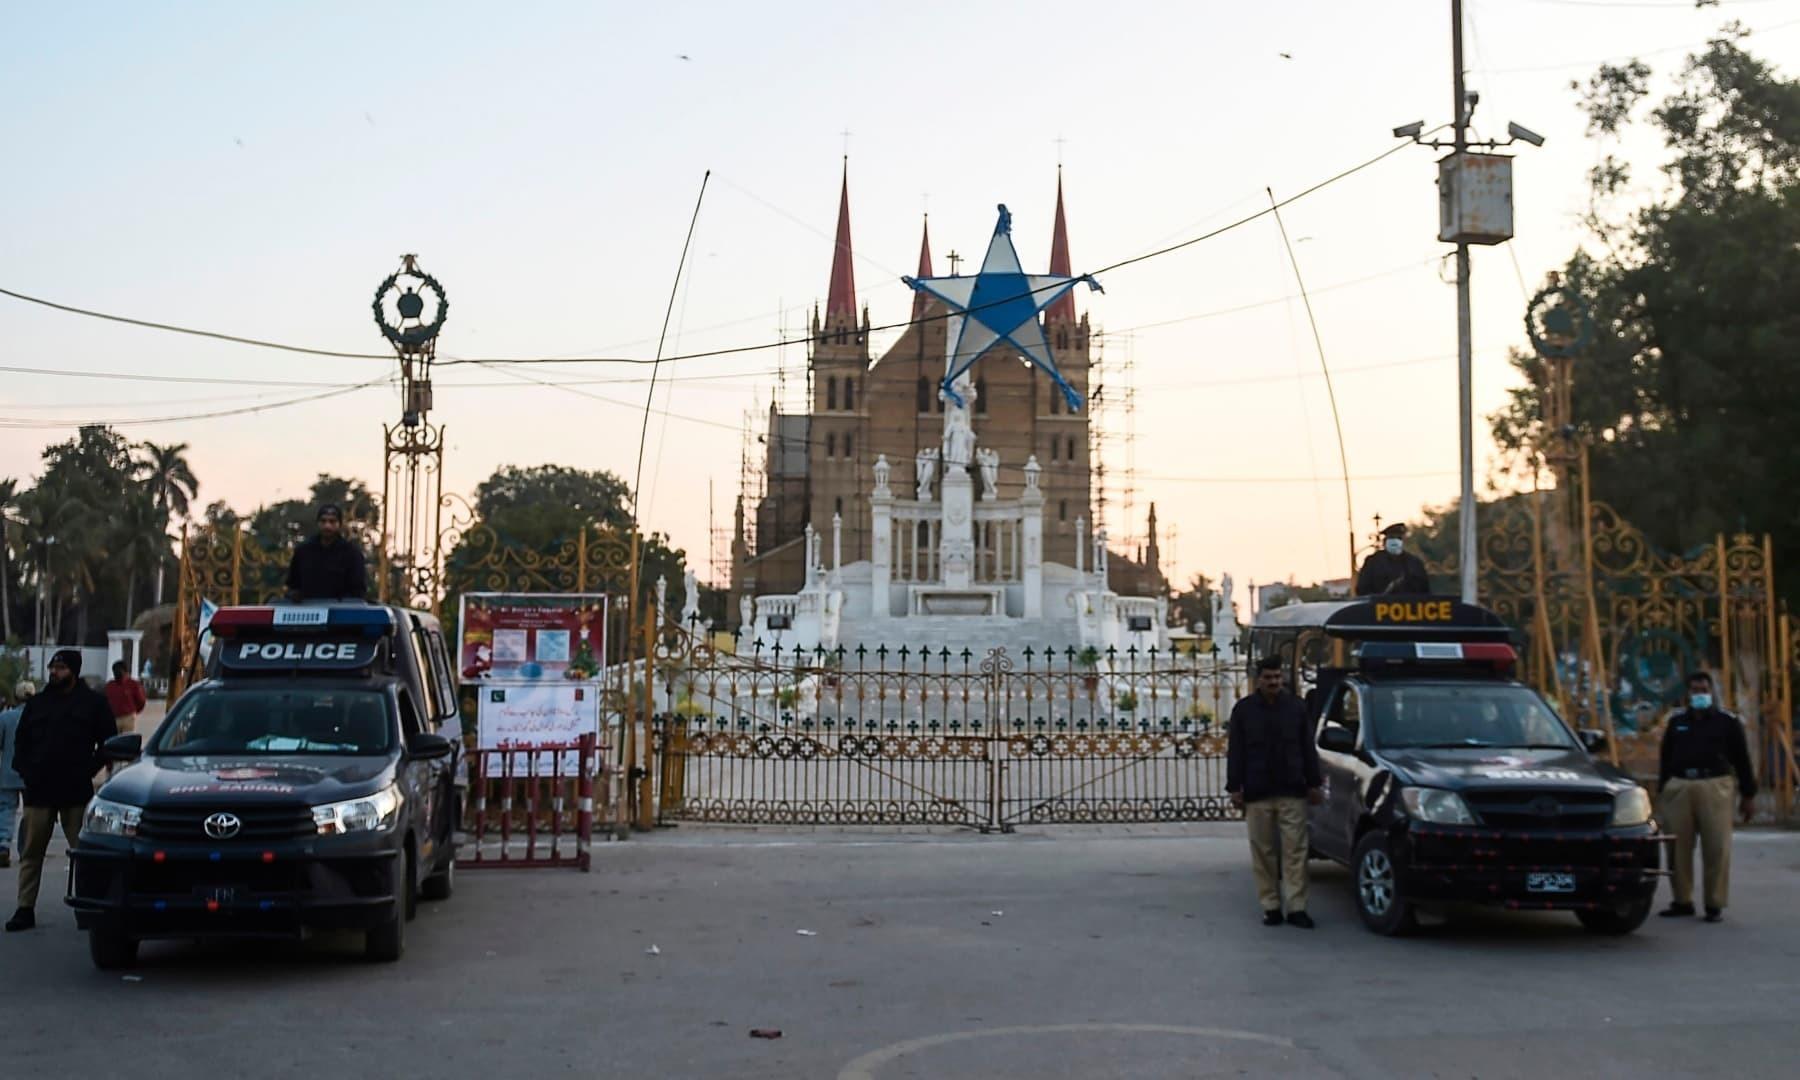 کراچی میں پولیس نے سیکیورٹی کے سخت انتظامات کیے —فوٹو:اے ایف پی